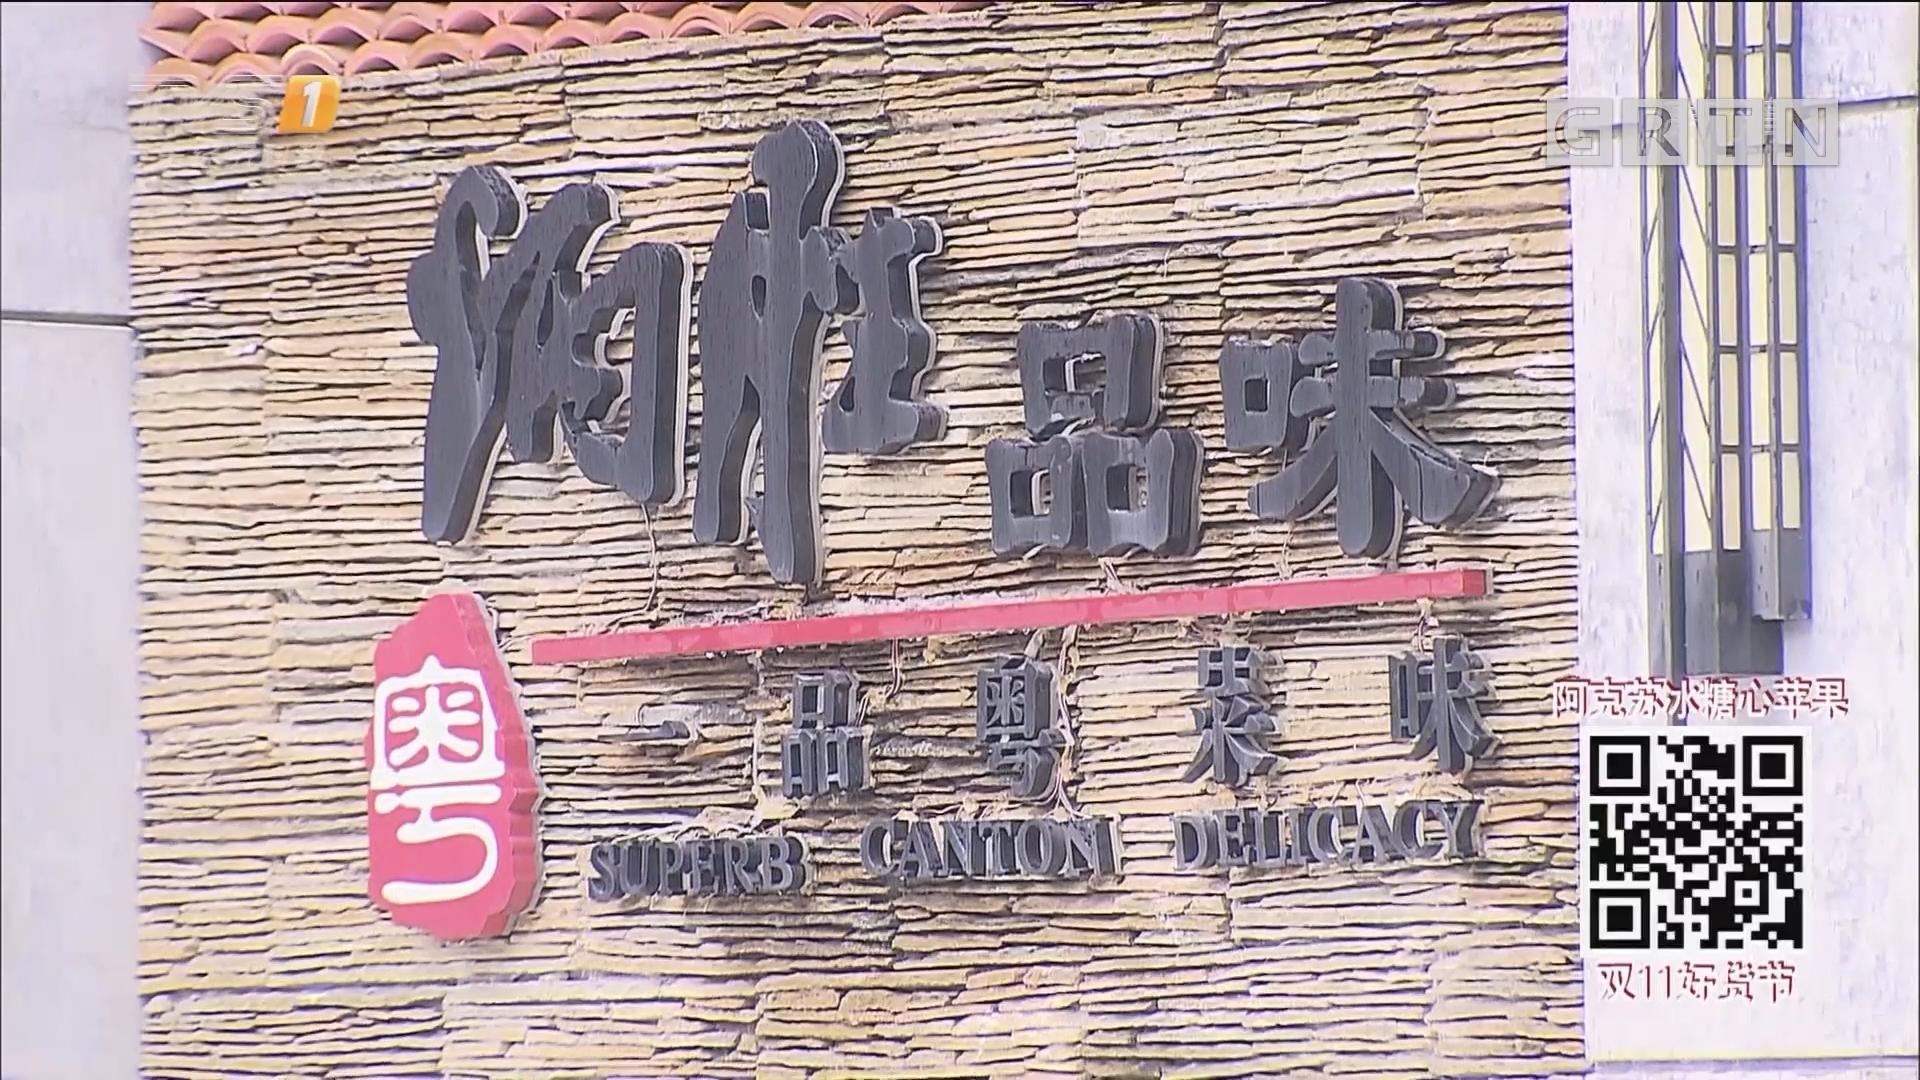 知名粤菜品牌创始人 运动后意外身故